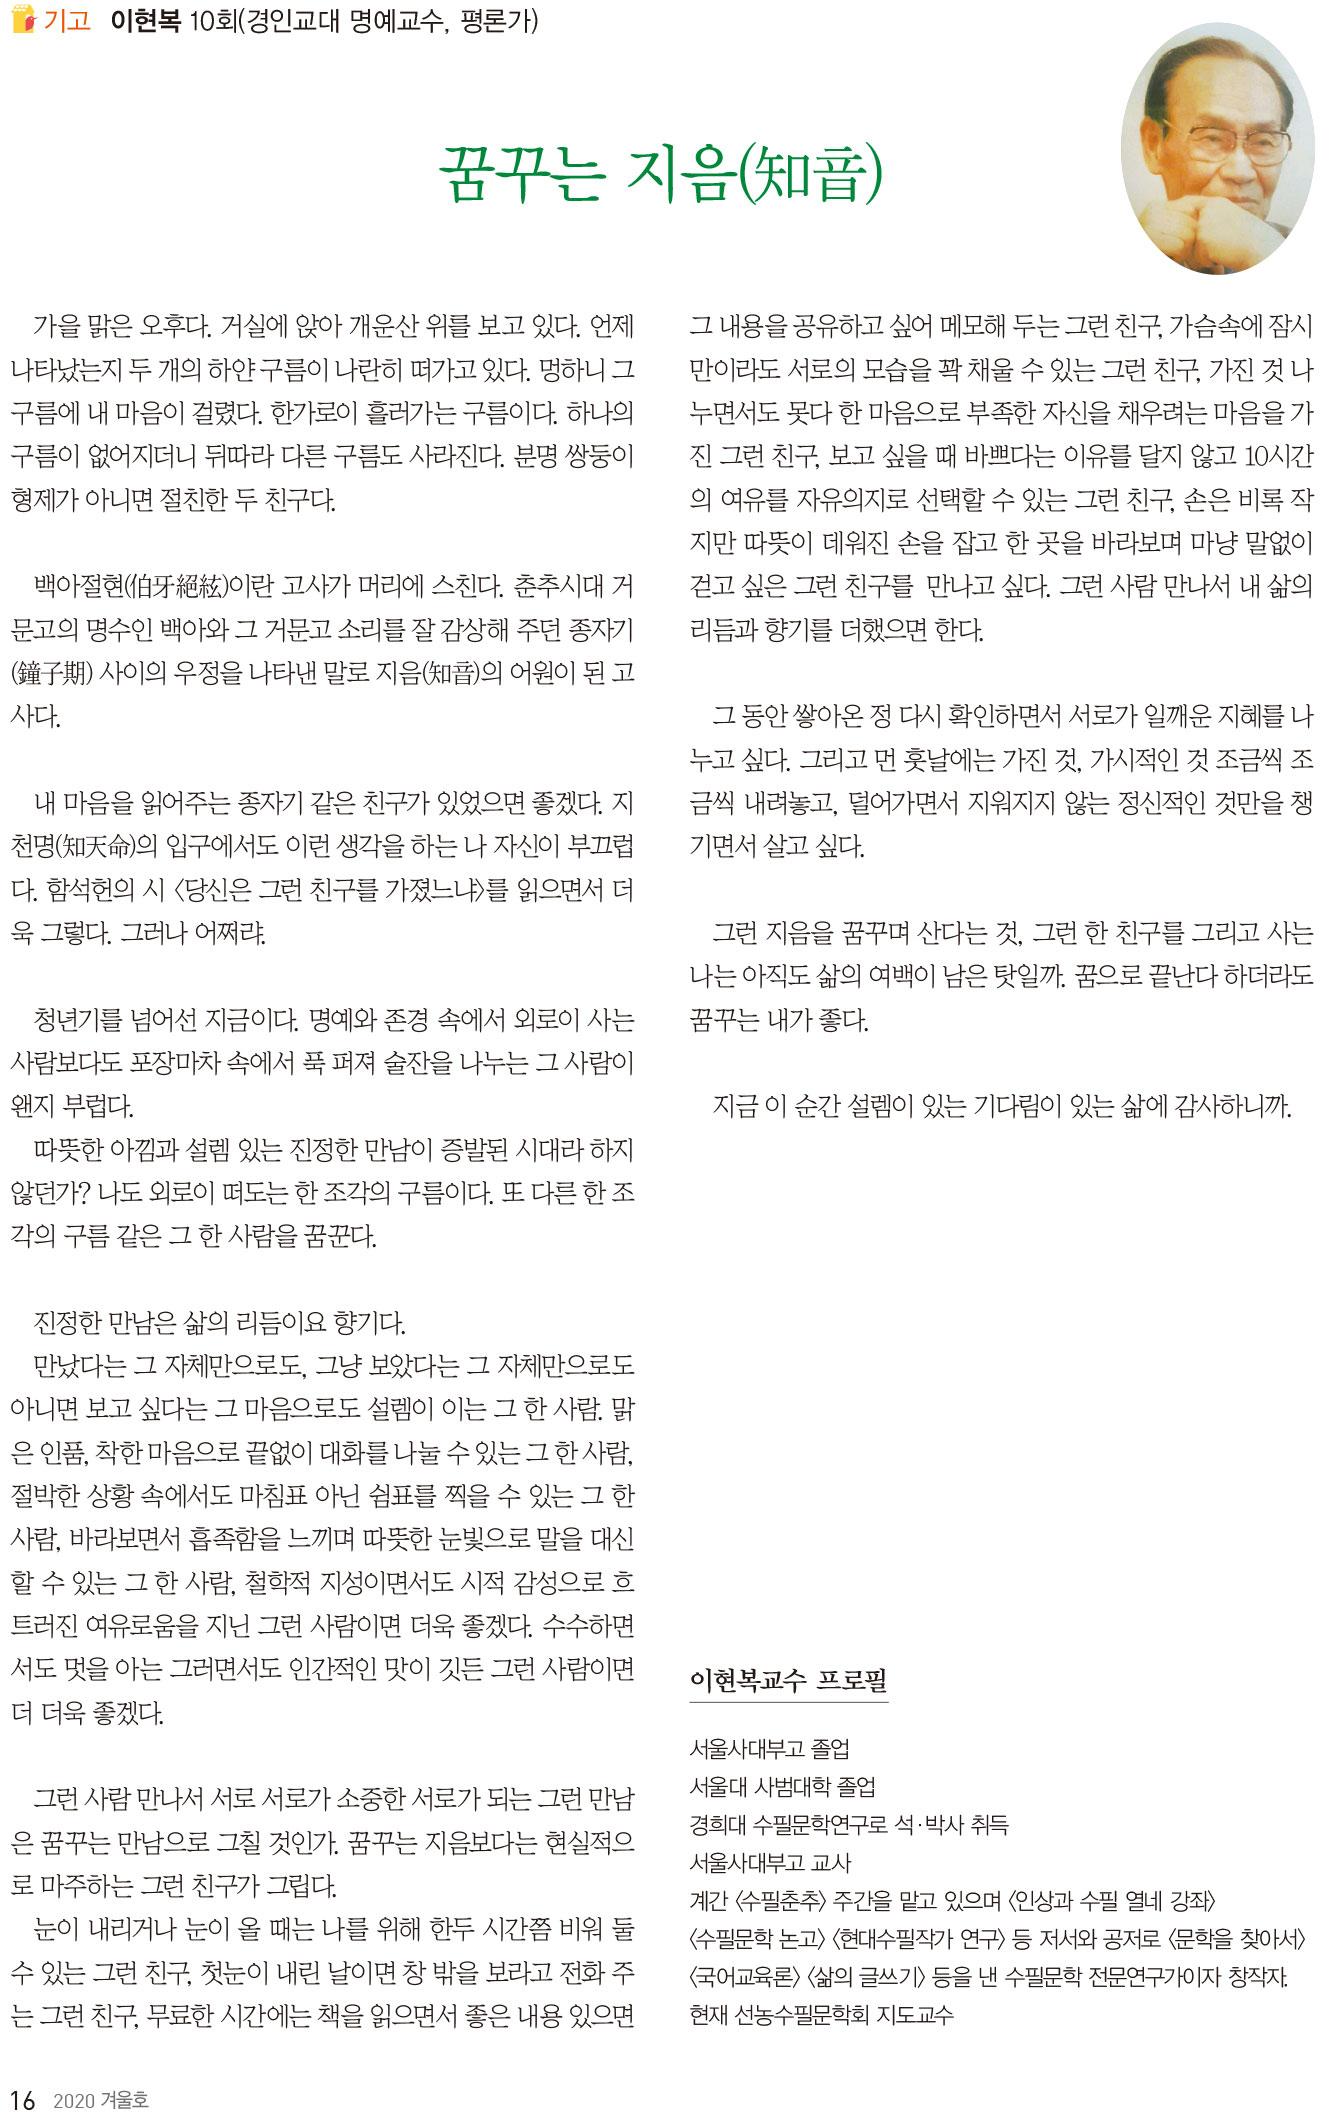 서울사대부고-115호-홈페이지-16.jpg